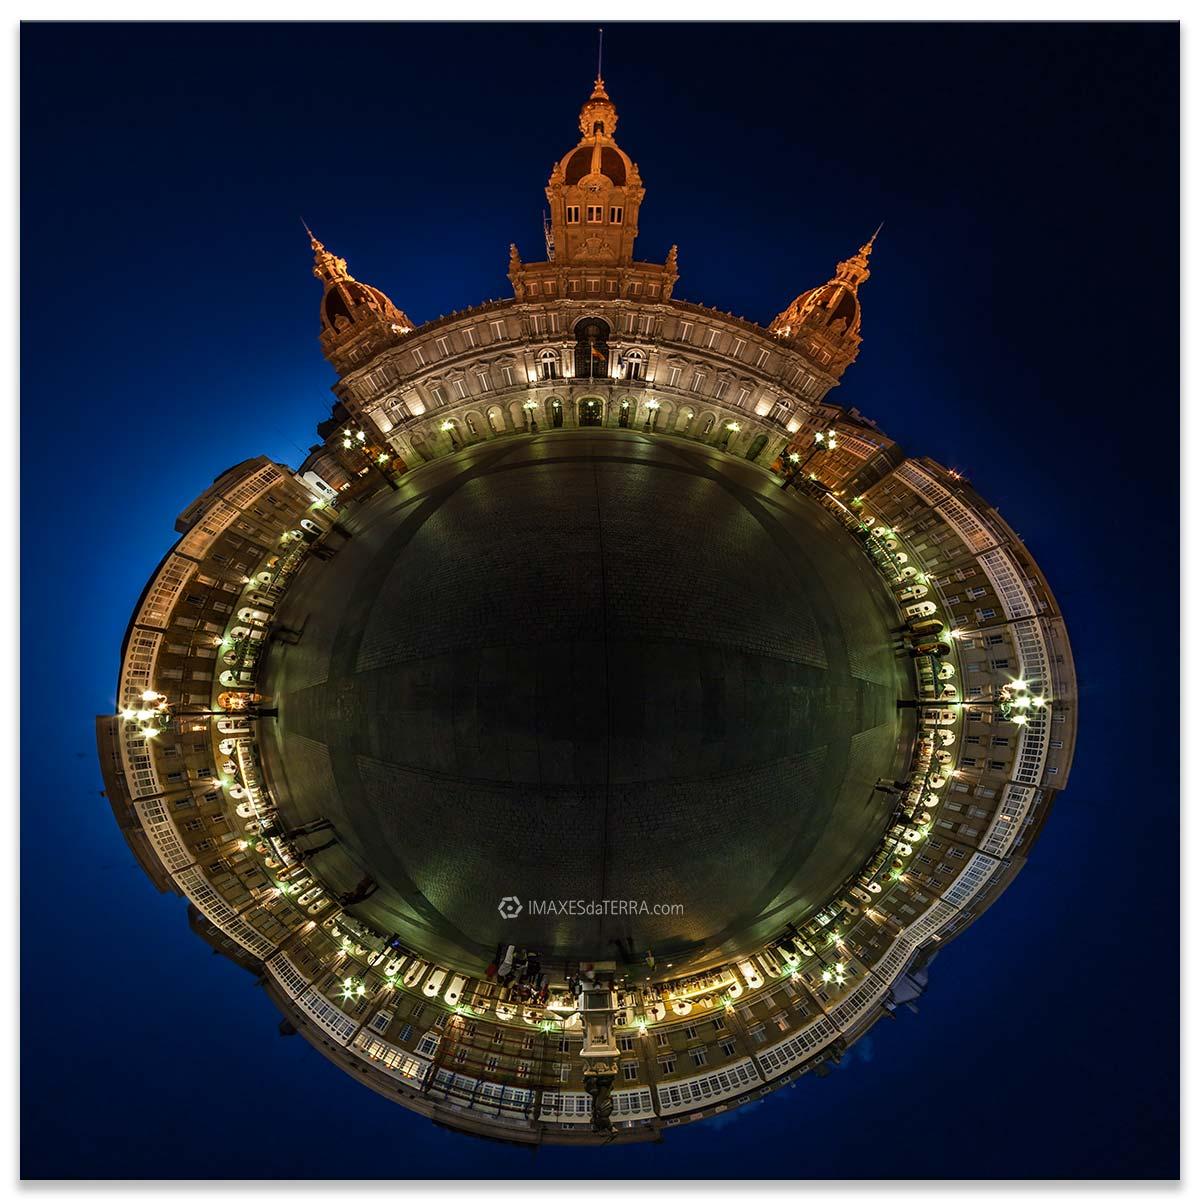 Comprar fotografía de Galicia A Coruña María Pita Decoración Fotografía 360